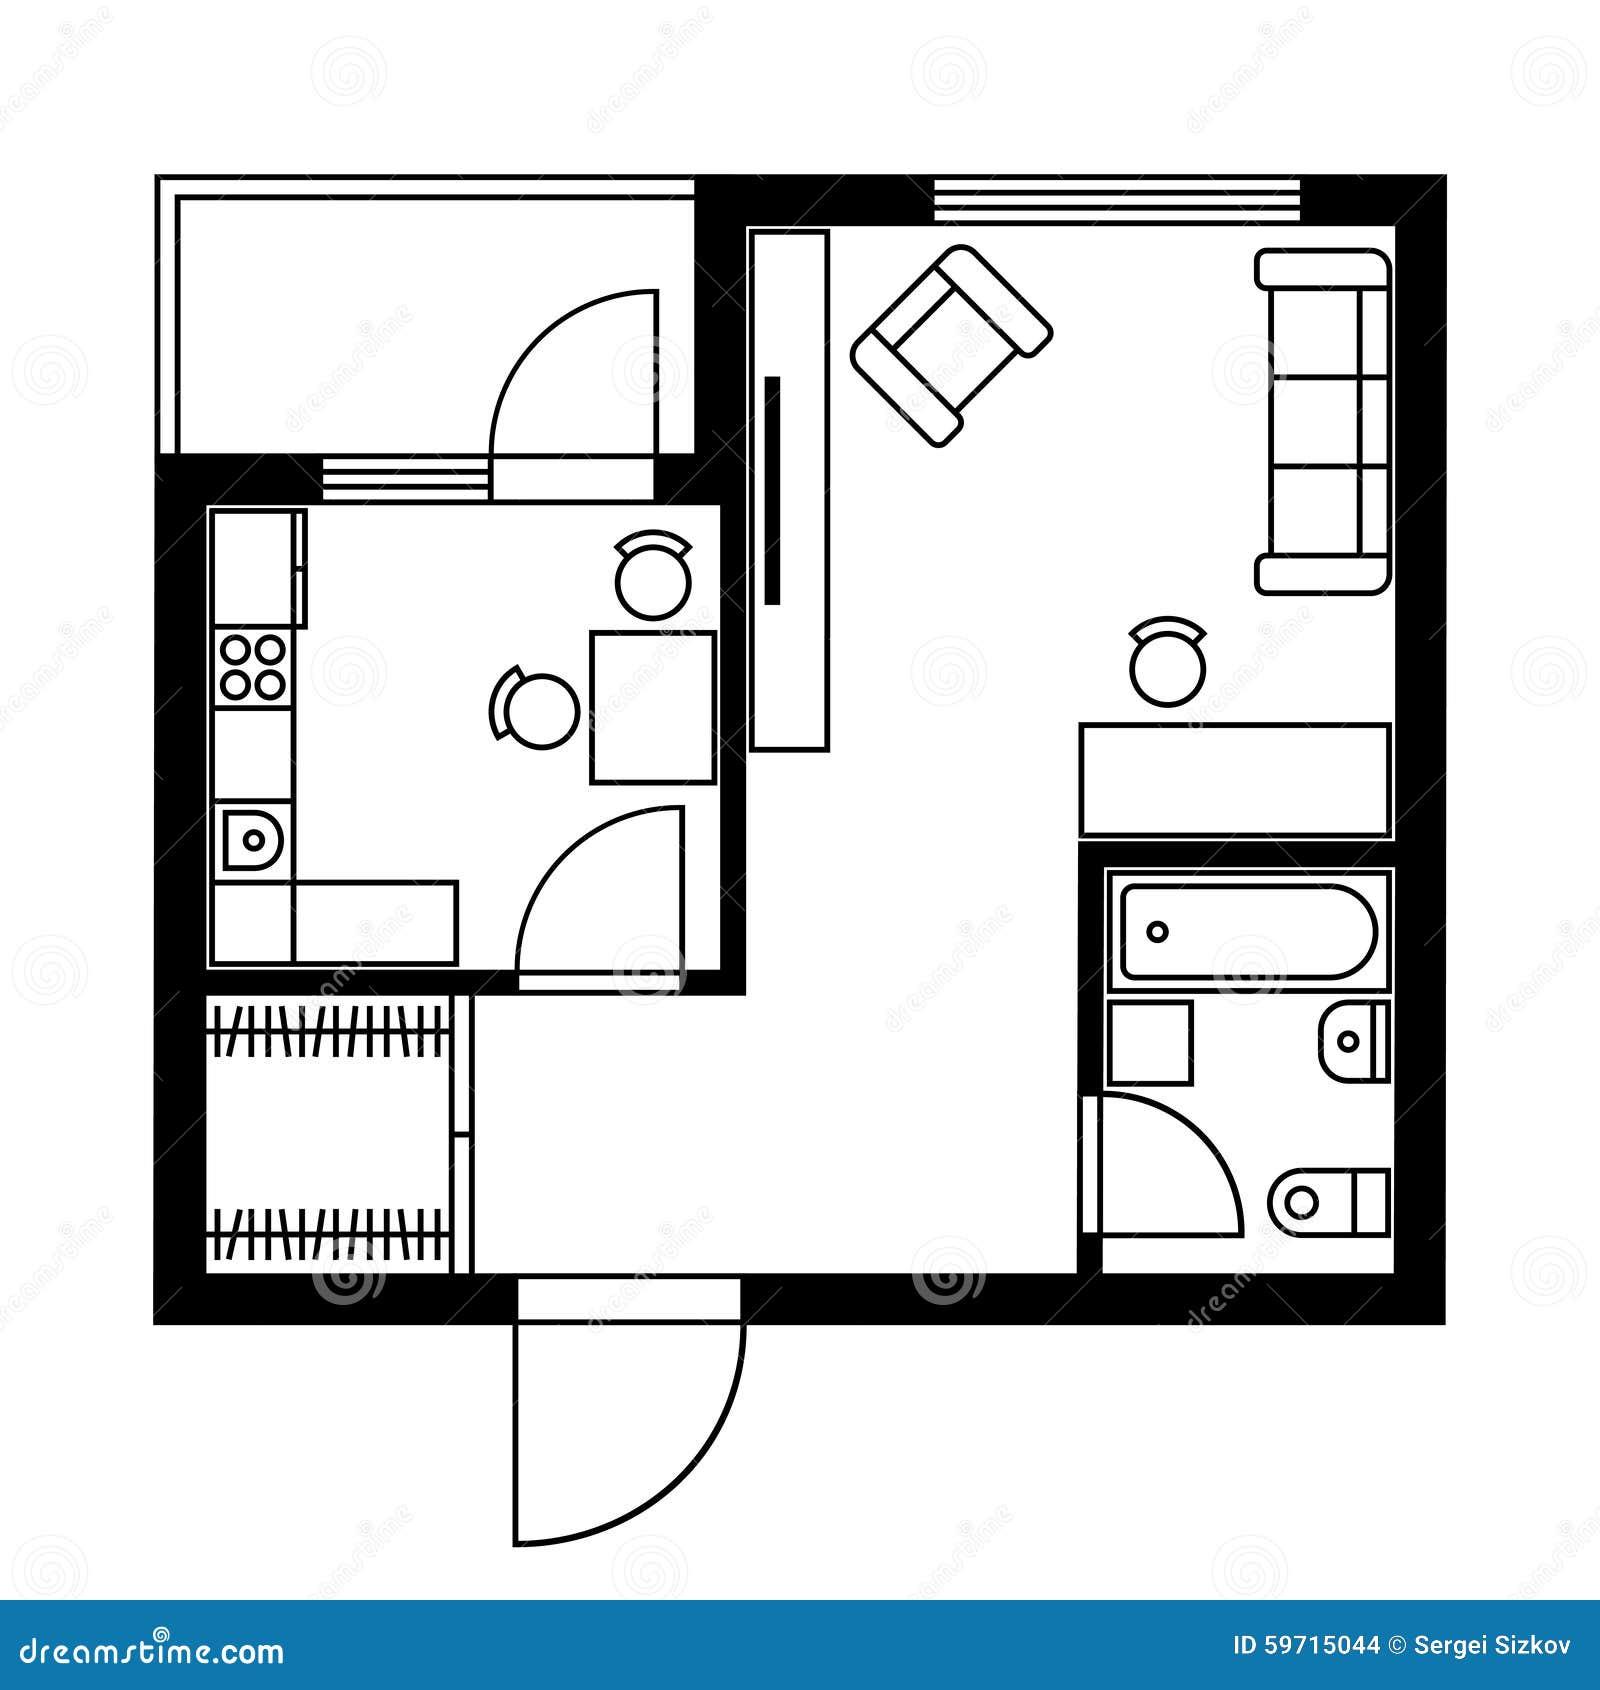 Pianta di una camera con mobilia vettore illustrazione for Mobilia download